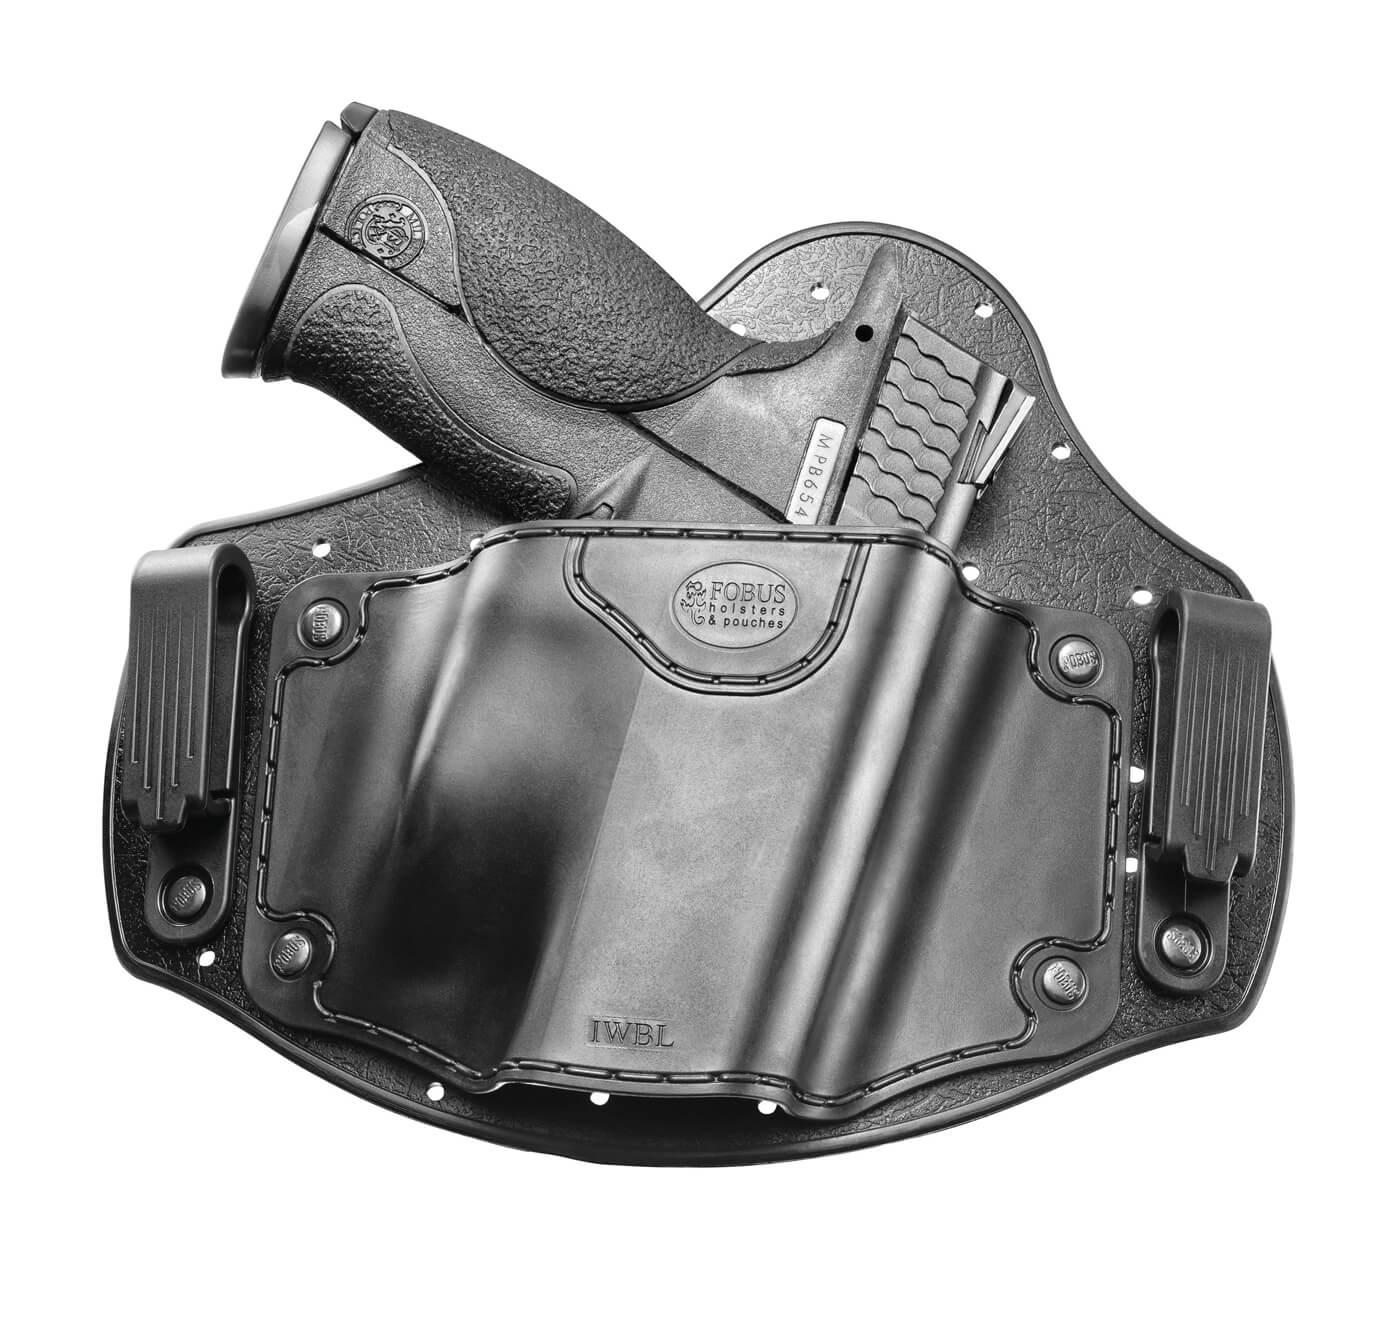 M&P pistol in Fobus IWB holster